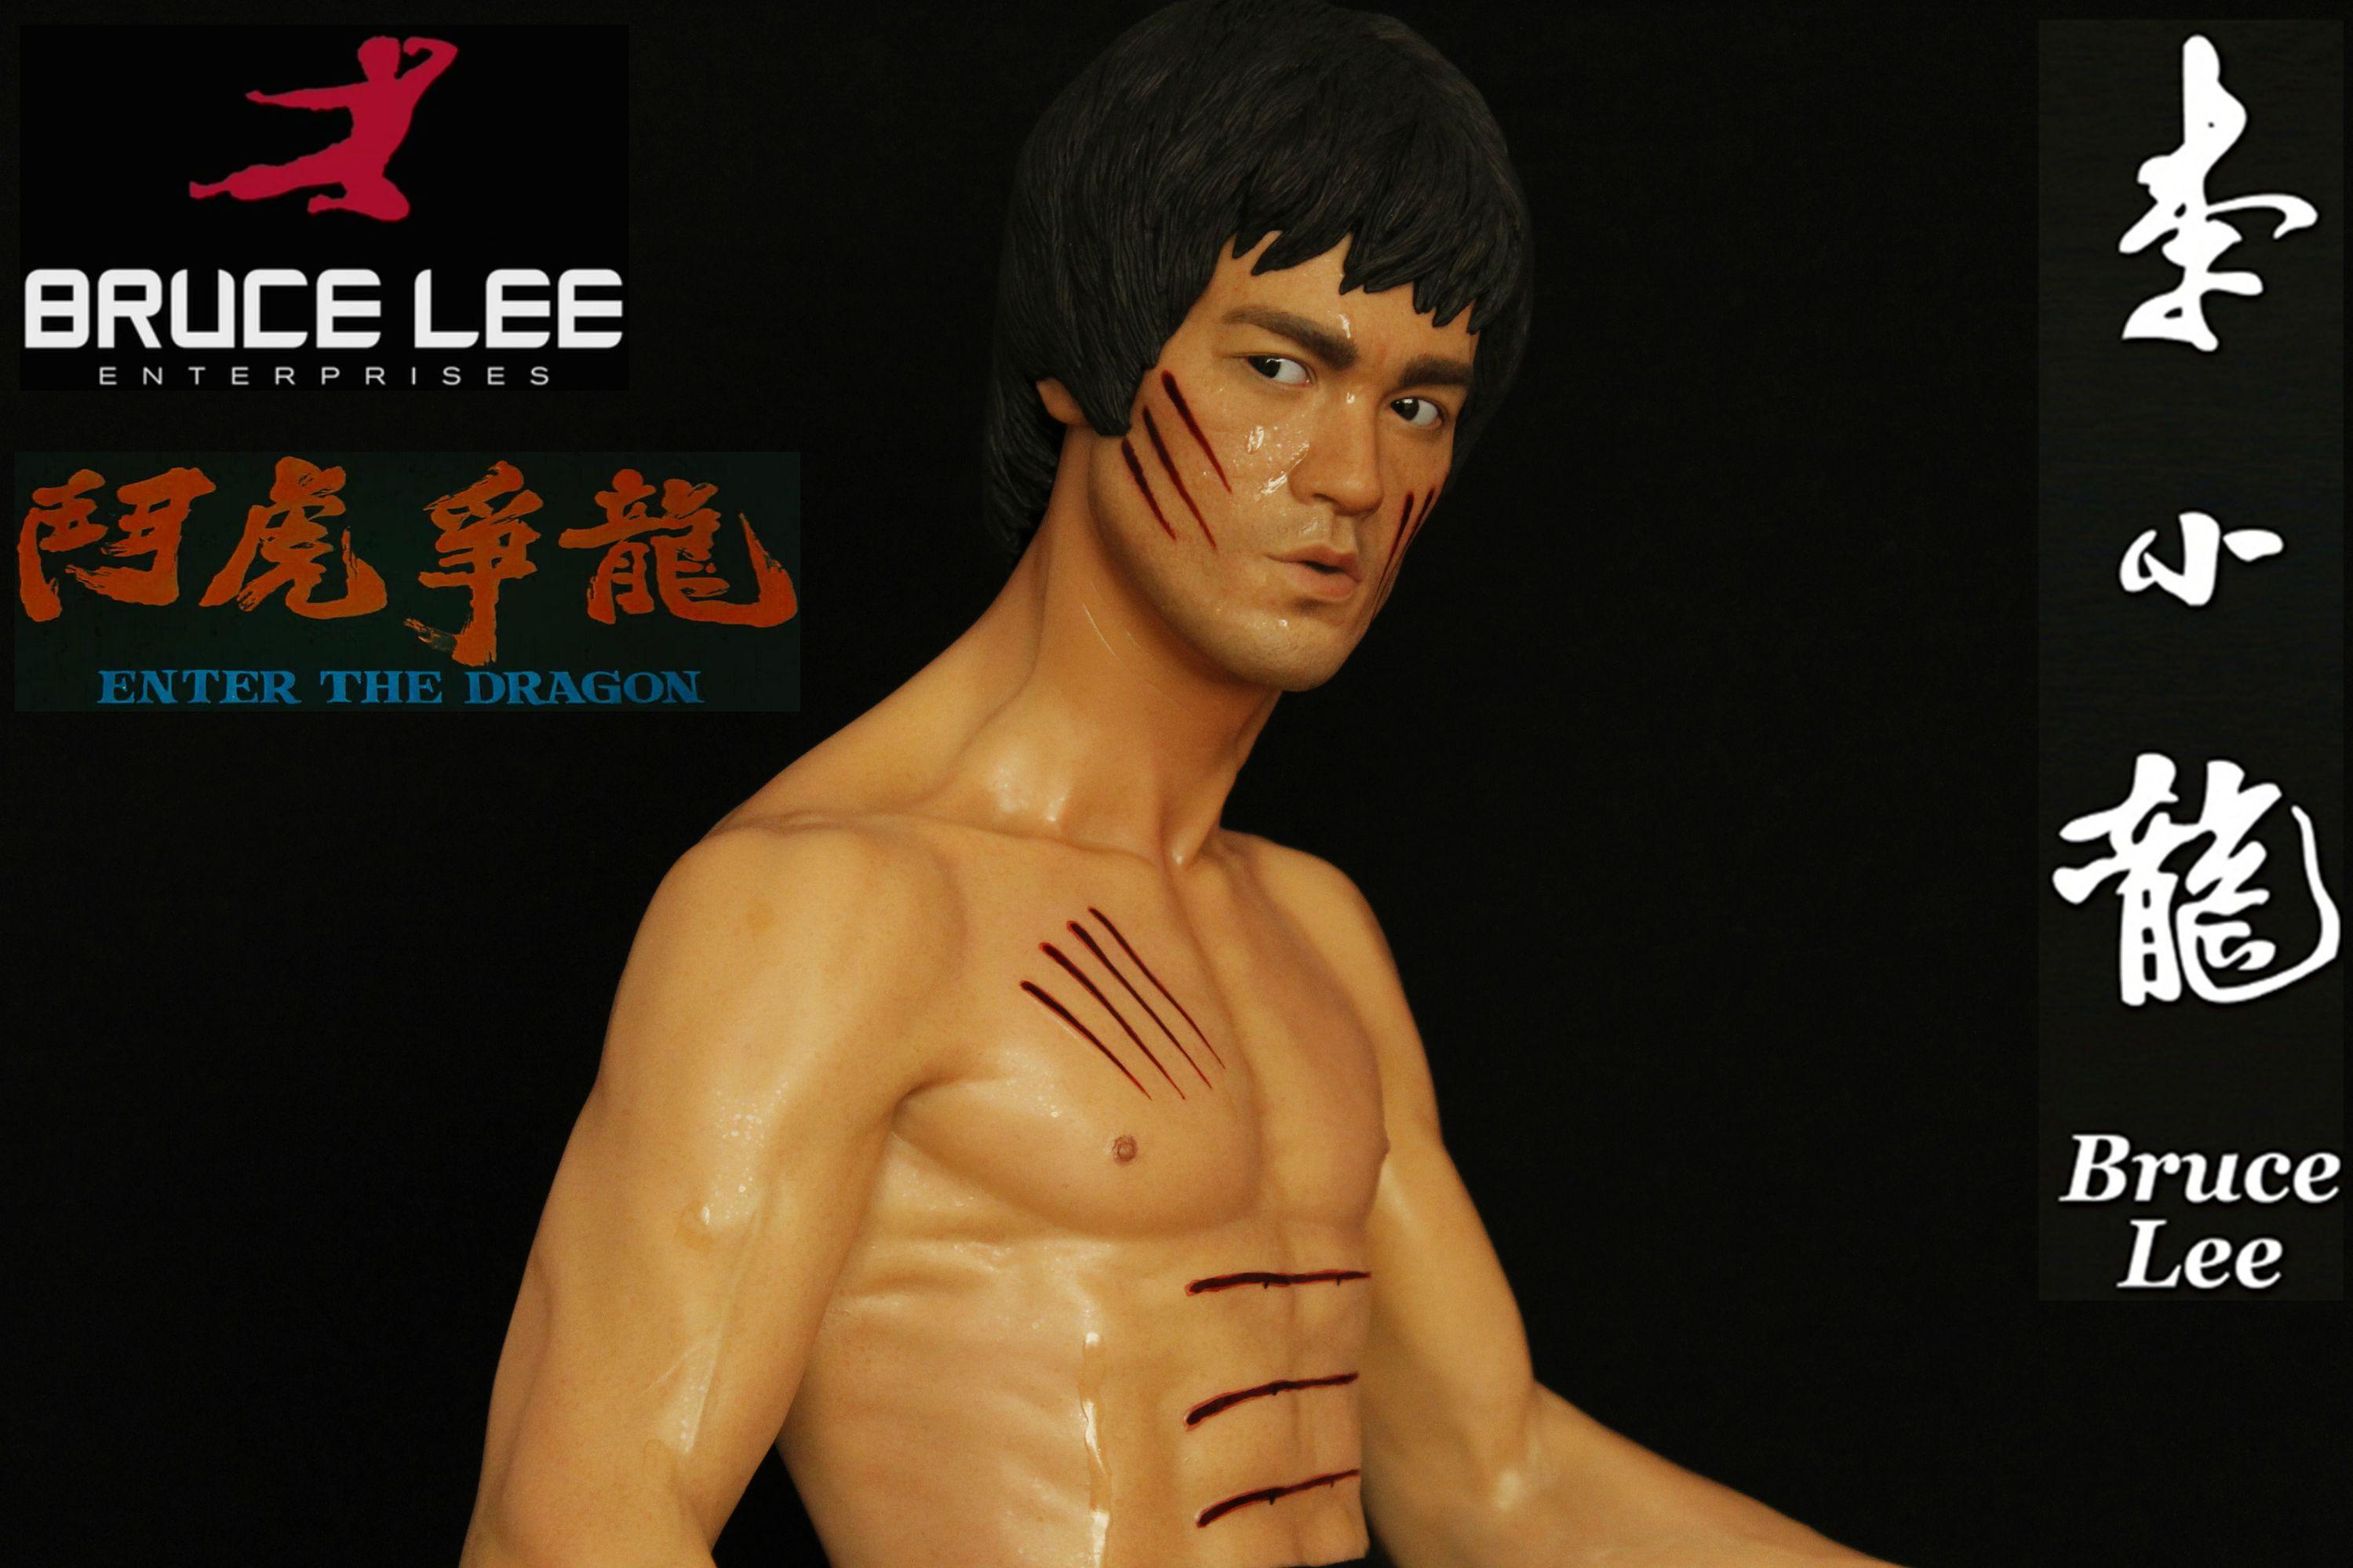 [Blitzway] Bruce Lee Tribute - 1/3 Scale - LANÇADO!!! - Página 6 212414r7qu1cww52qna515